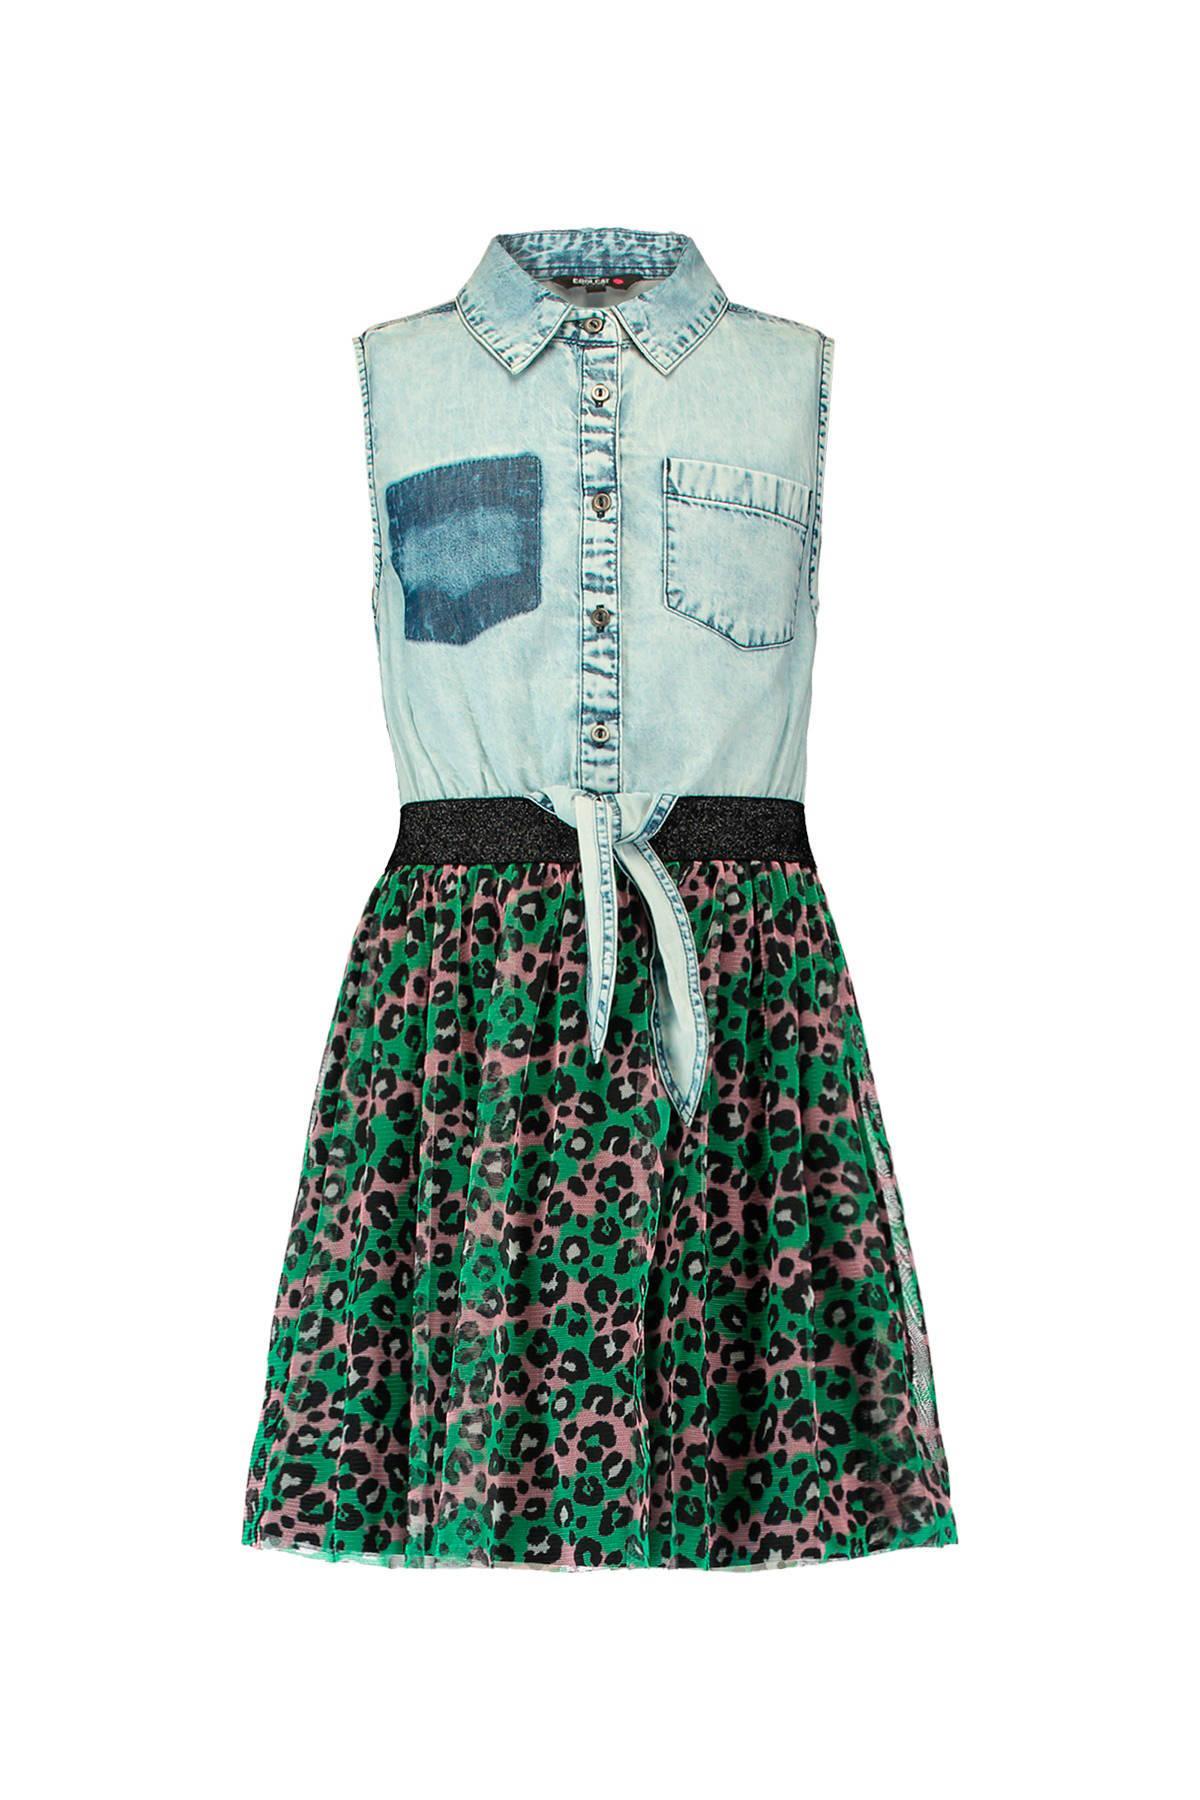 63c0288581ad78 CoolCat spijkerjurk met panterprint groen